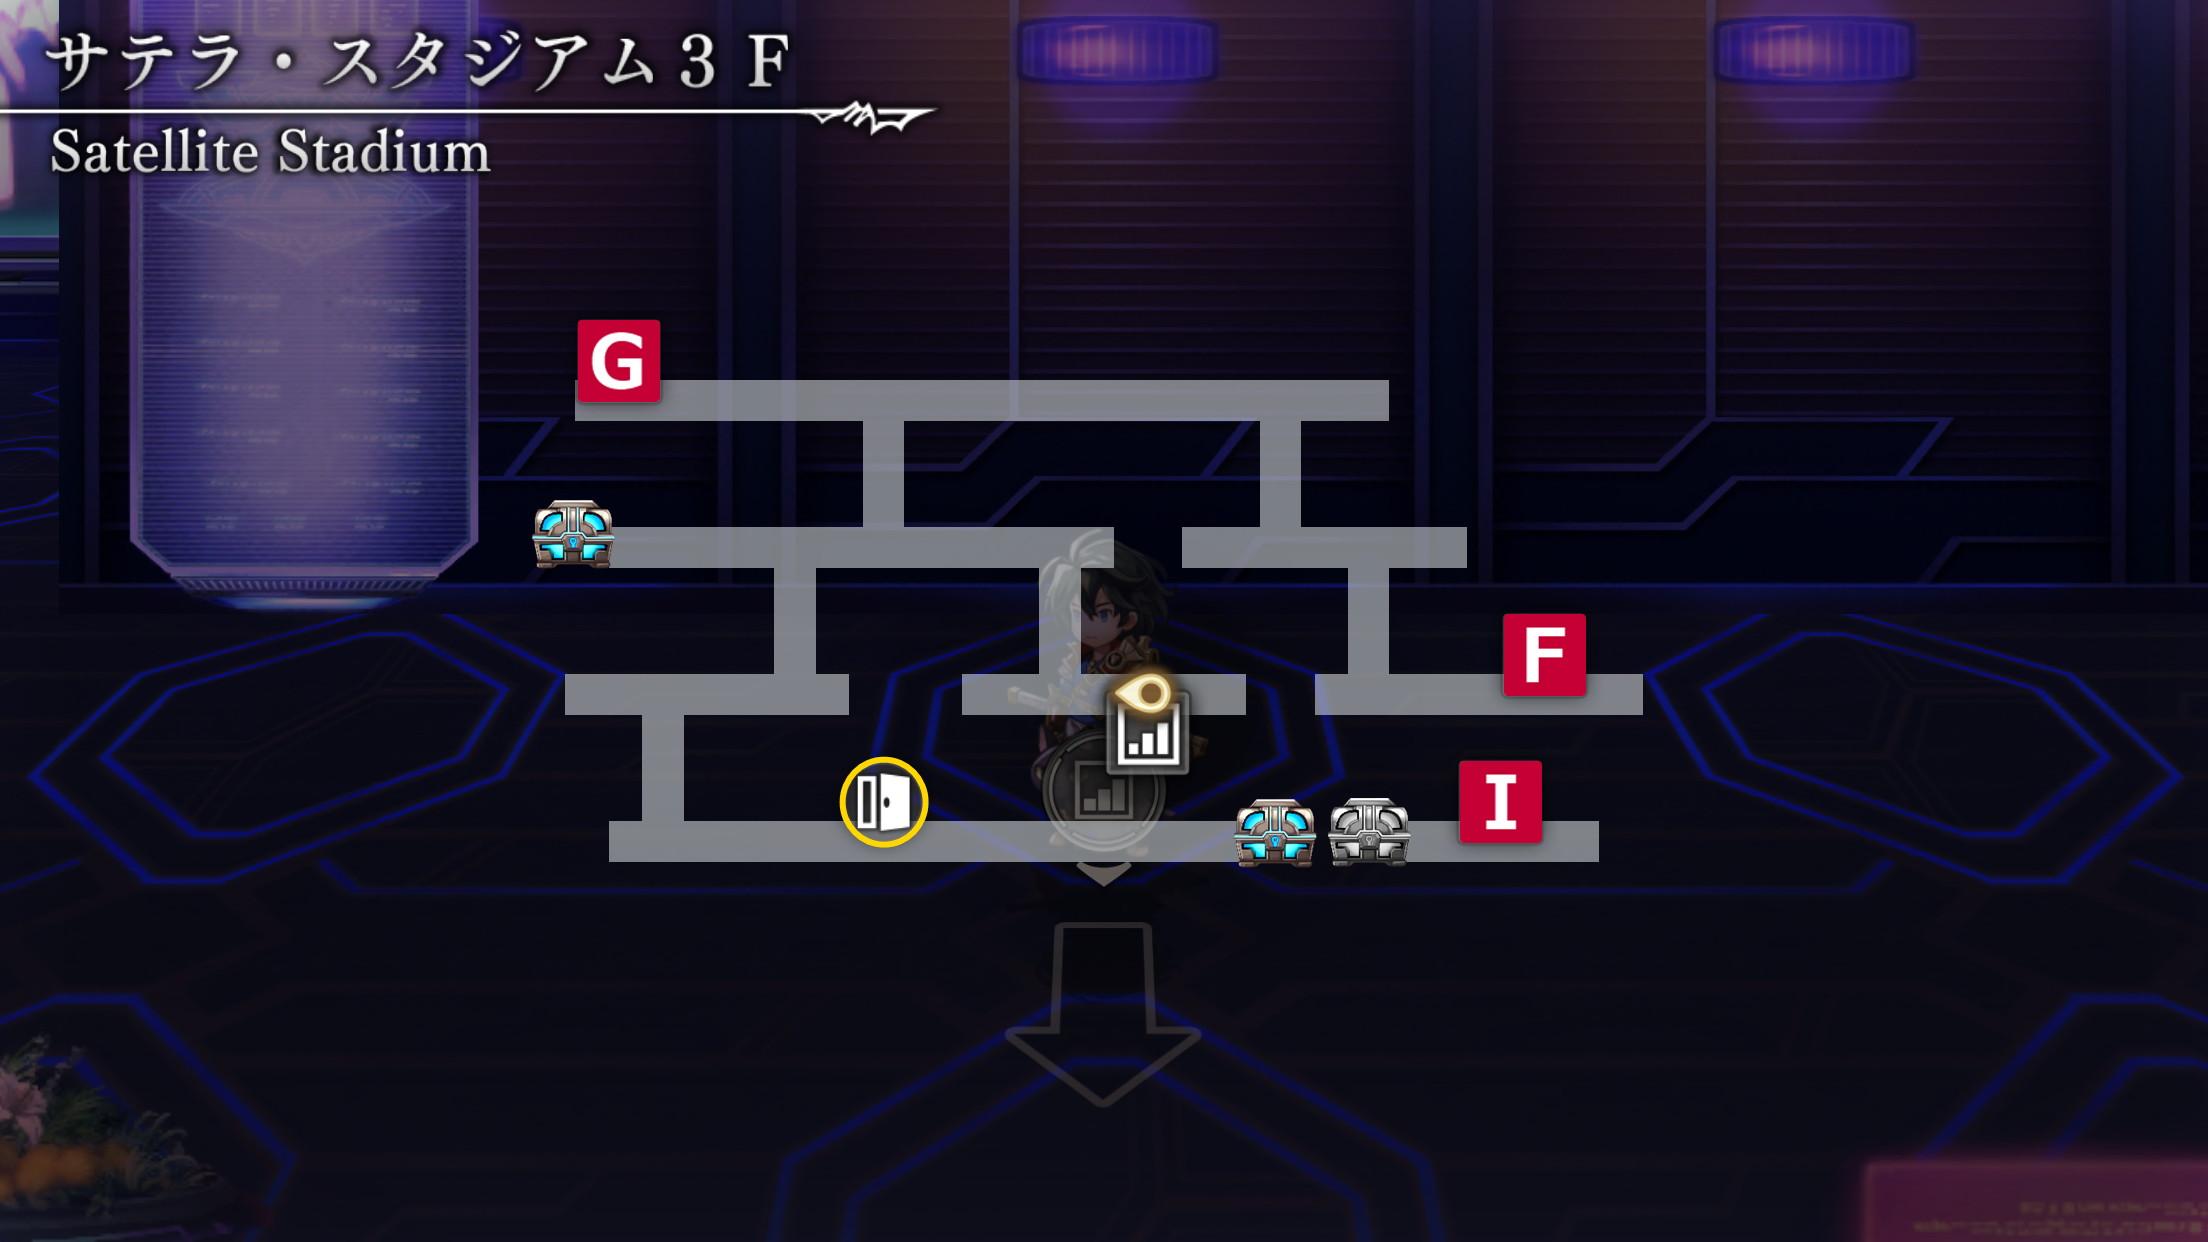 サテラ・スタジアムストーリーマップ6